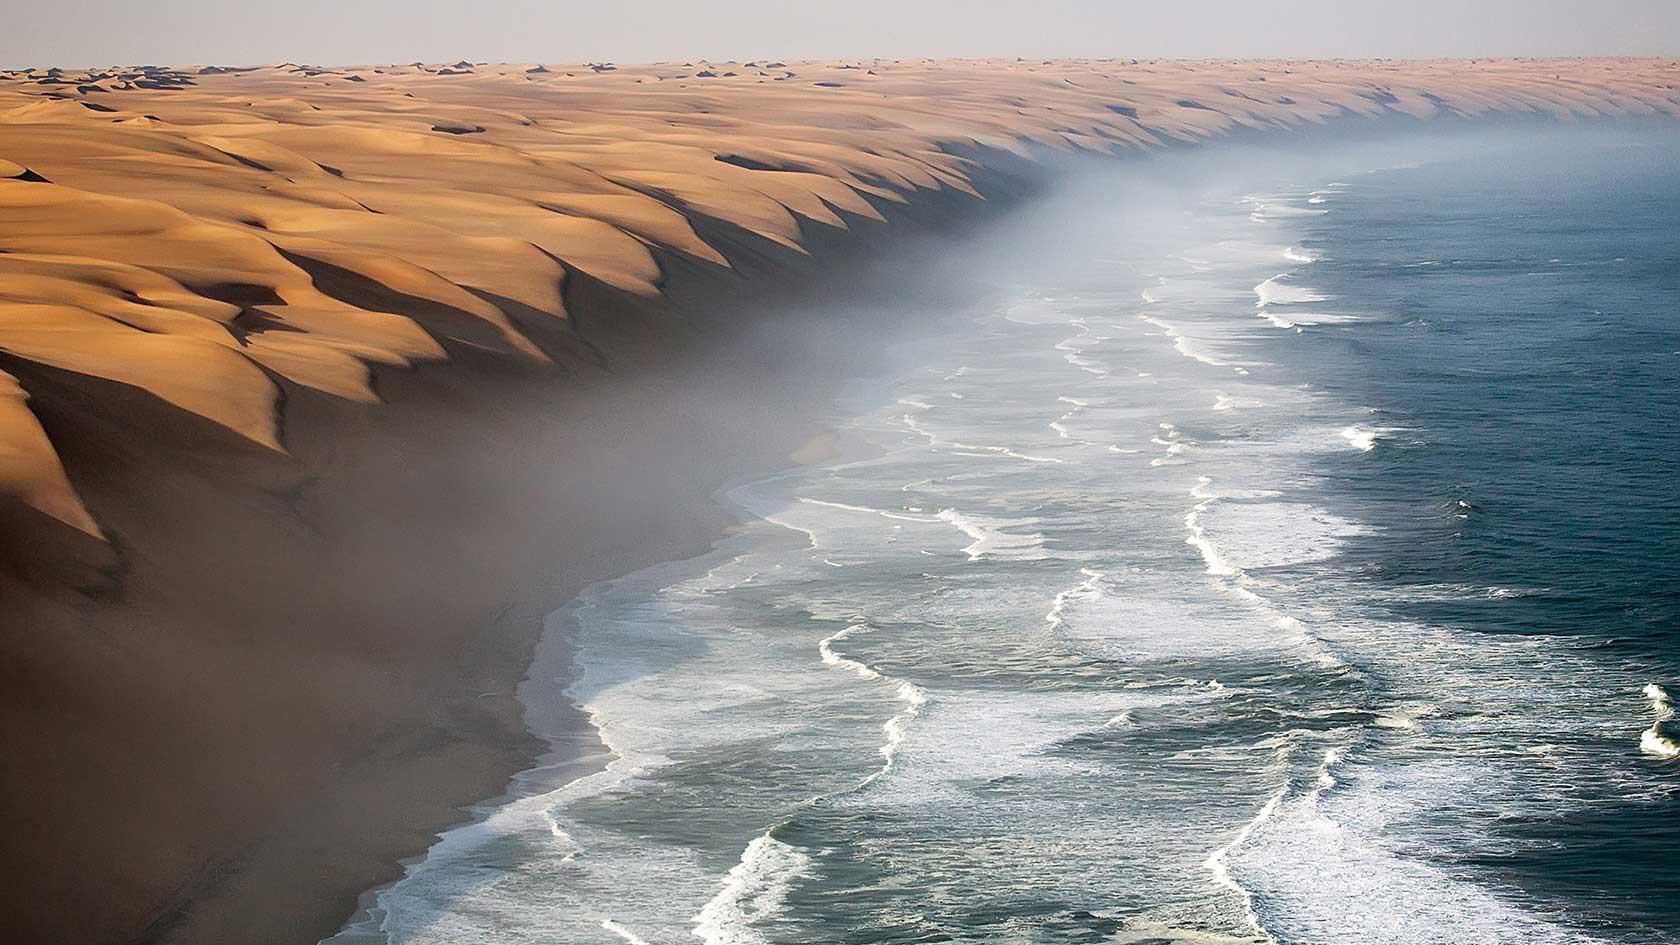 Chiến thuật sinh tồn tuyệt vời của loài bọ sống tại một trong những sa mạc khô nhất thế giới - Ảnh 3.